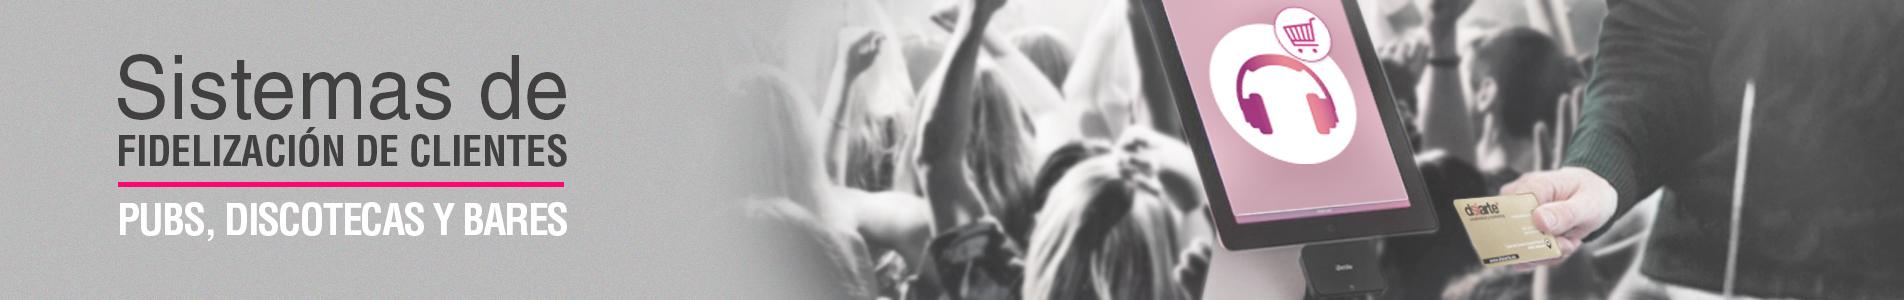 Soluciones de fidelidad con tarjetas para discotecas, bares y pubs programas de lealtad